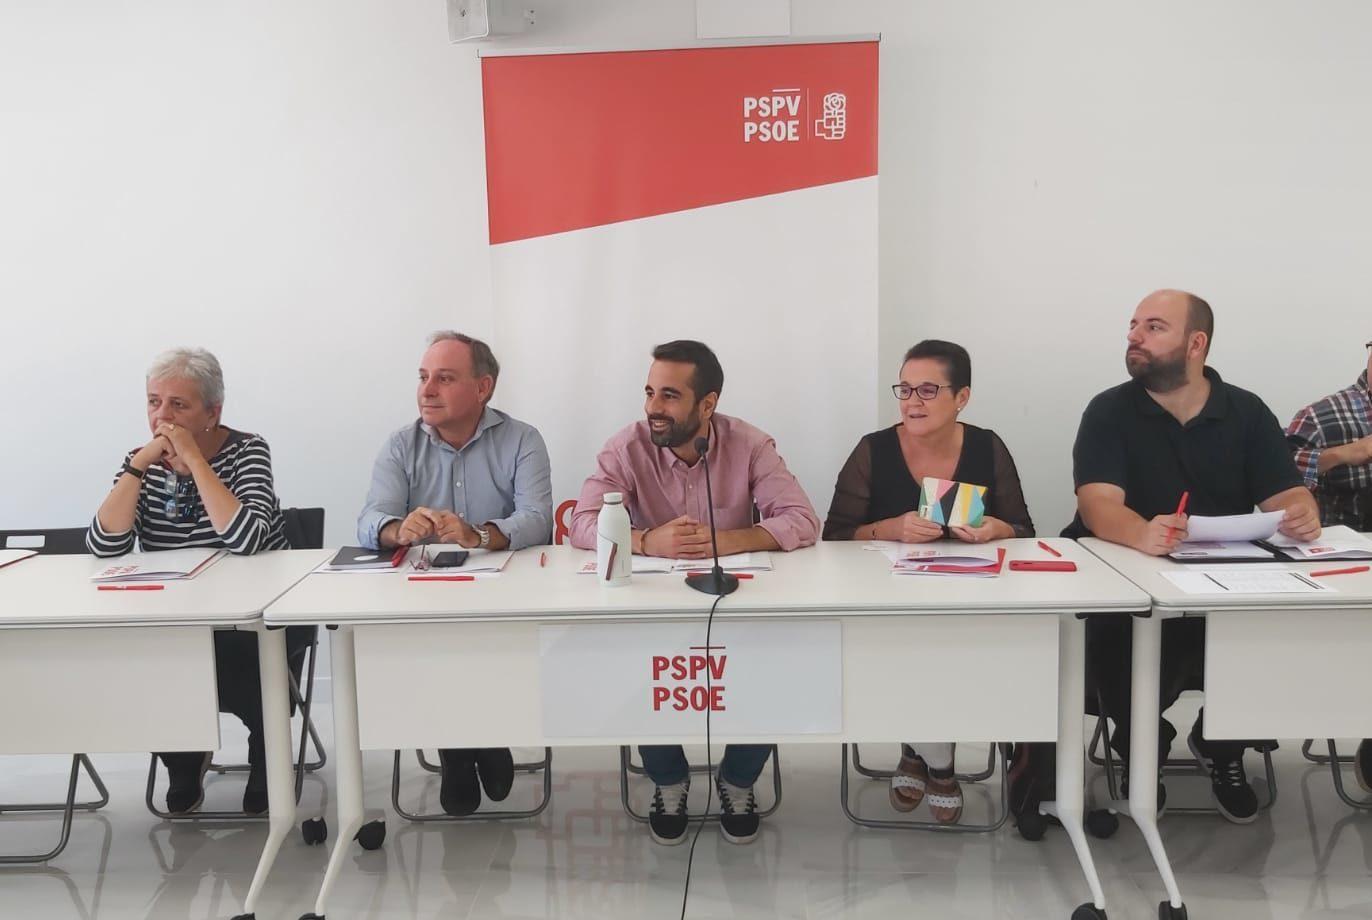 """Muñoz: """"El PSOE va a demostrar una vez más que es el único partido que tiene una respuesta política para todos los problemas de España"""""""